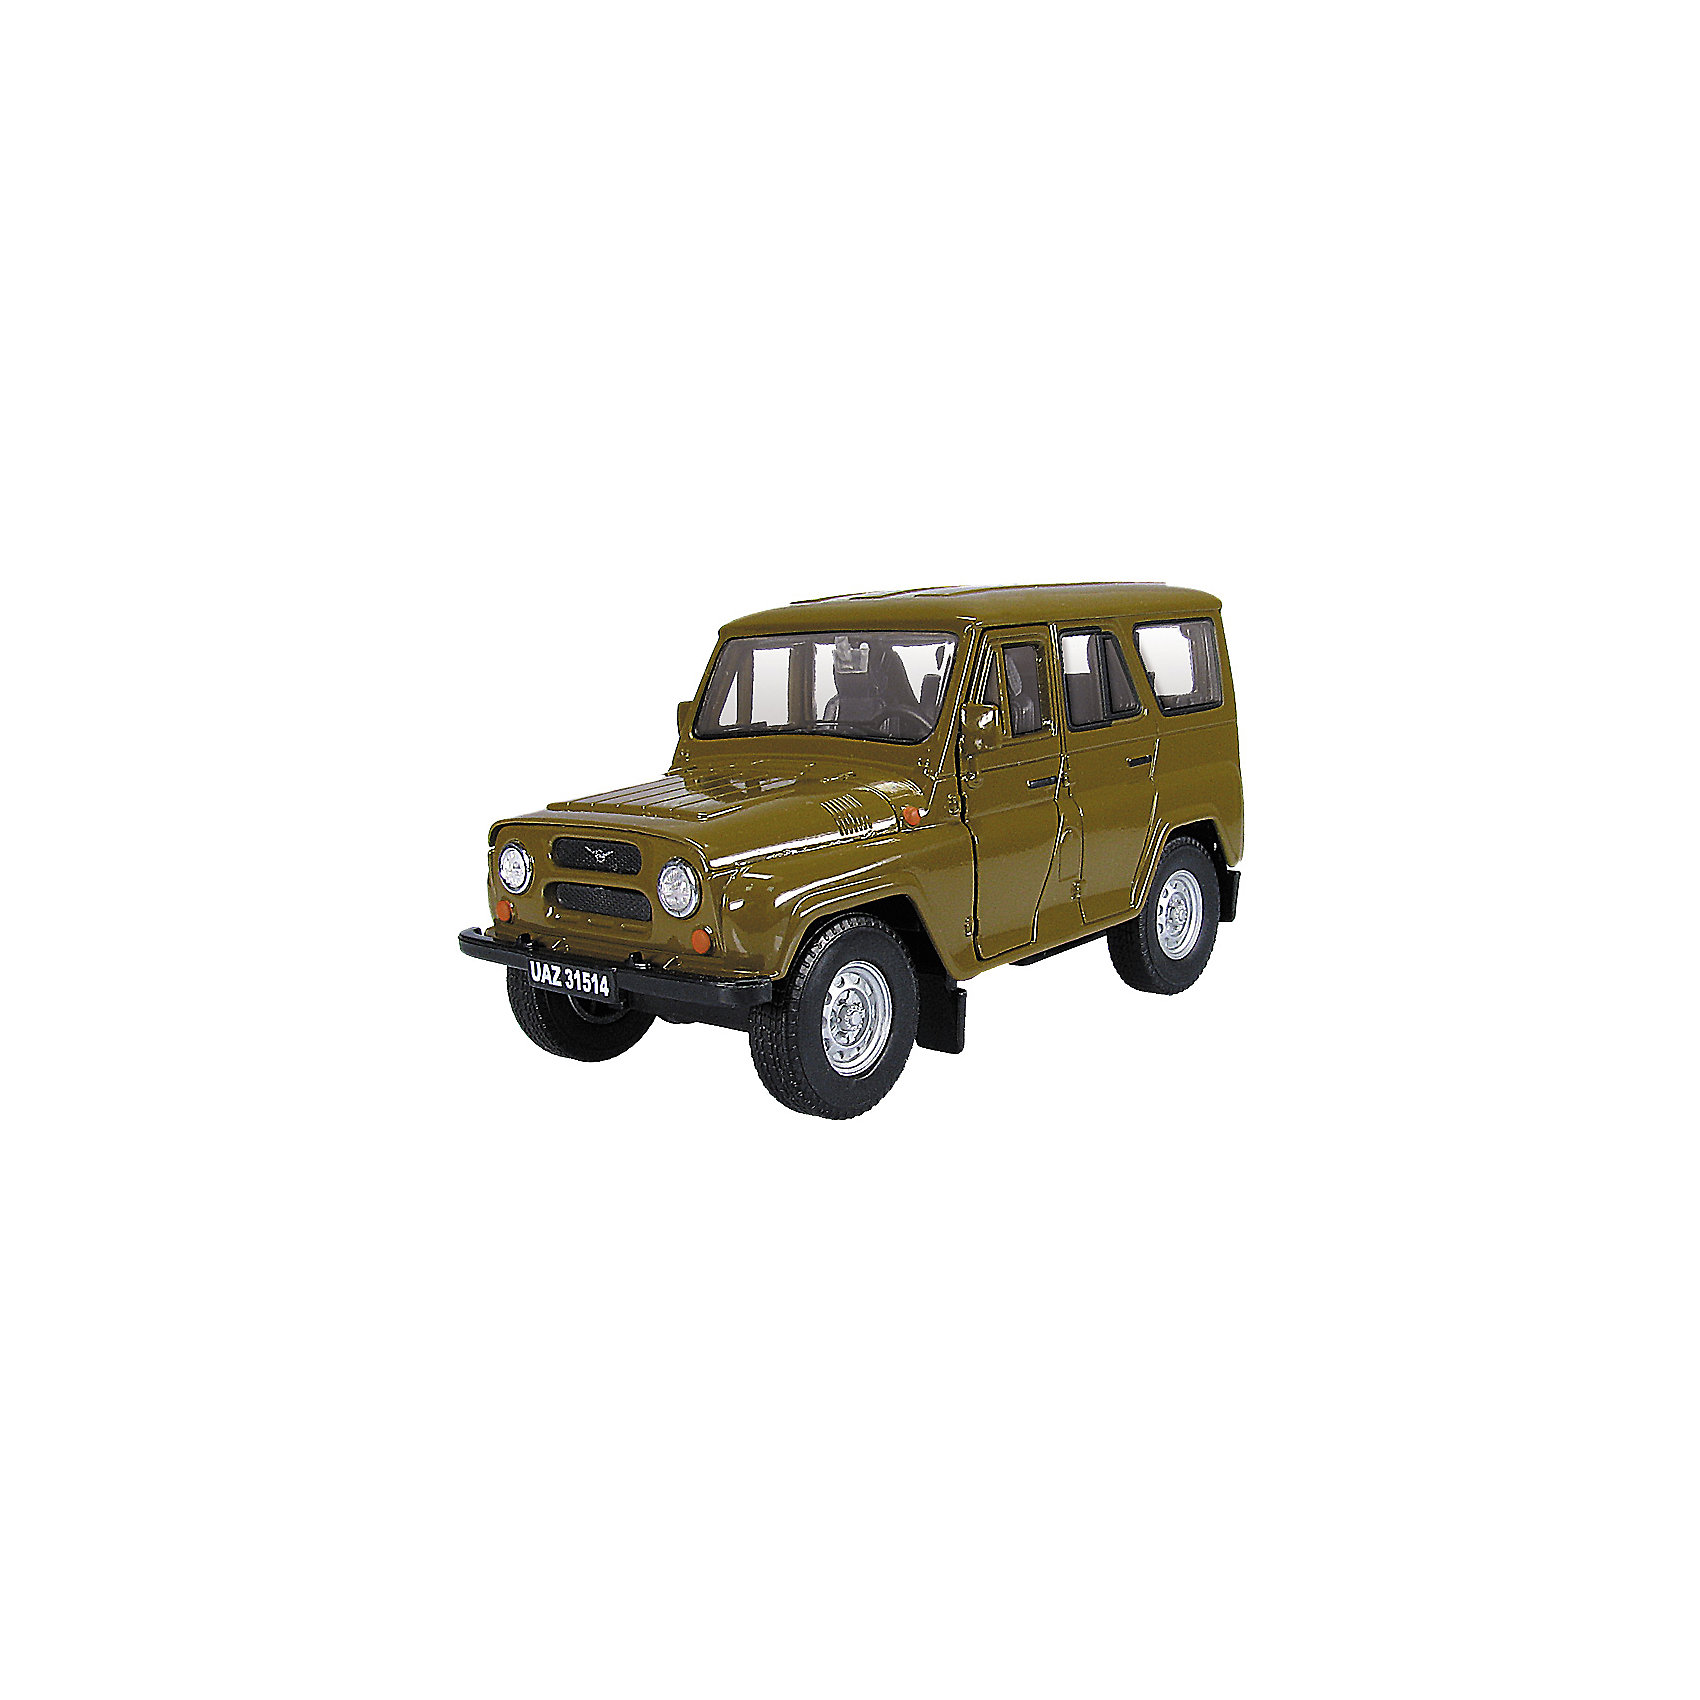 Машинка UAZ 31514 гражданская 1:36, AutotimeМашинки<br>Машинка UAZ 31514 гражданская 1:36, Autotime (Автотайм).<br><br>Характеристики:<br><br>• Масштаб 1:36<br>• Длина машинки: 11,5 см.<br>• Цвет: хаки<br>• Материал: металл, пластик<br>• Упаковка: картонная коробка блистерного типа<br>• Размер упаковки: 16,5x5,7x7,2 см.<br><br>Машинка UAZ 31514 гражданская от Autotime (Автотайм) является уменьшенной копией настоящего автомобиля. UAZ 31514 - полноприводный автомобиль повышенной проходимости. Выпускался в 1993 - 2003 годах. Модель отличается высокой степенью детализации. Корпус машинки металлический с пластиковыми элементами. Передние двери открываются, что позволяет рассмотреть салон изнутри в деталях. Машинка оснащена инерционным механизмом. Машинка UAZ 31514 гражданская, выпущенная в русской серии бренда Autotime (Автотайм), станет хорошим подарком и ребенку, и коллекционеру моделей автомобилей.<br><br>Машинку UAZ 31514 гражданскую 1:36, Autotime (Автотайм) можно купить в нашем интернет-магазине.<br><br>Ширина мм: 165<br>Глубина мм: 57<br>Высота мм: 75<br>Вес г: 13<br>Возраст от месяцев: 36<br>Возраст до месяцев: 2147483647<br>Пол: Мужской<br>Возраст: Детский<br>SKU: 5583870